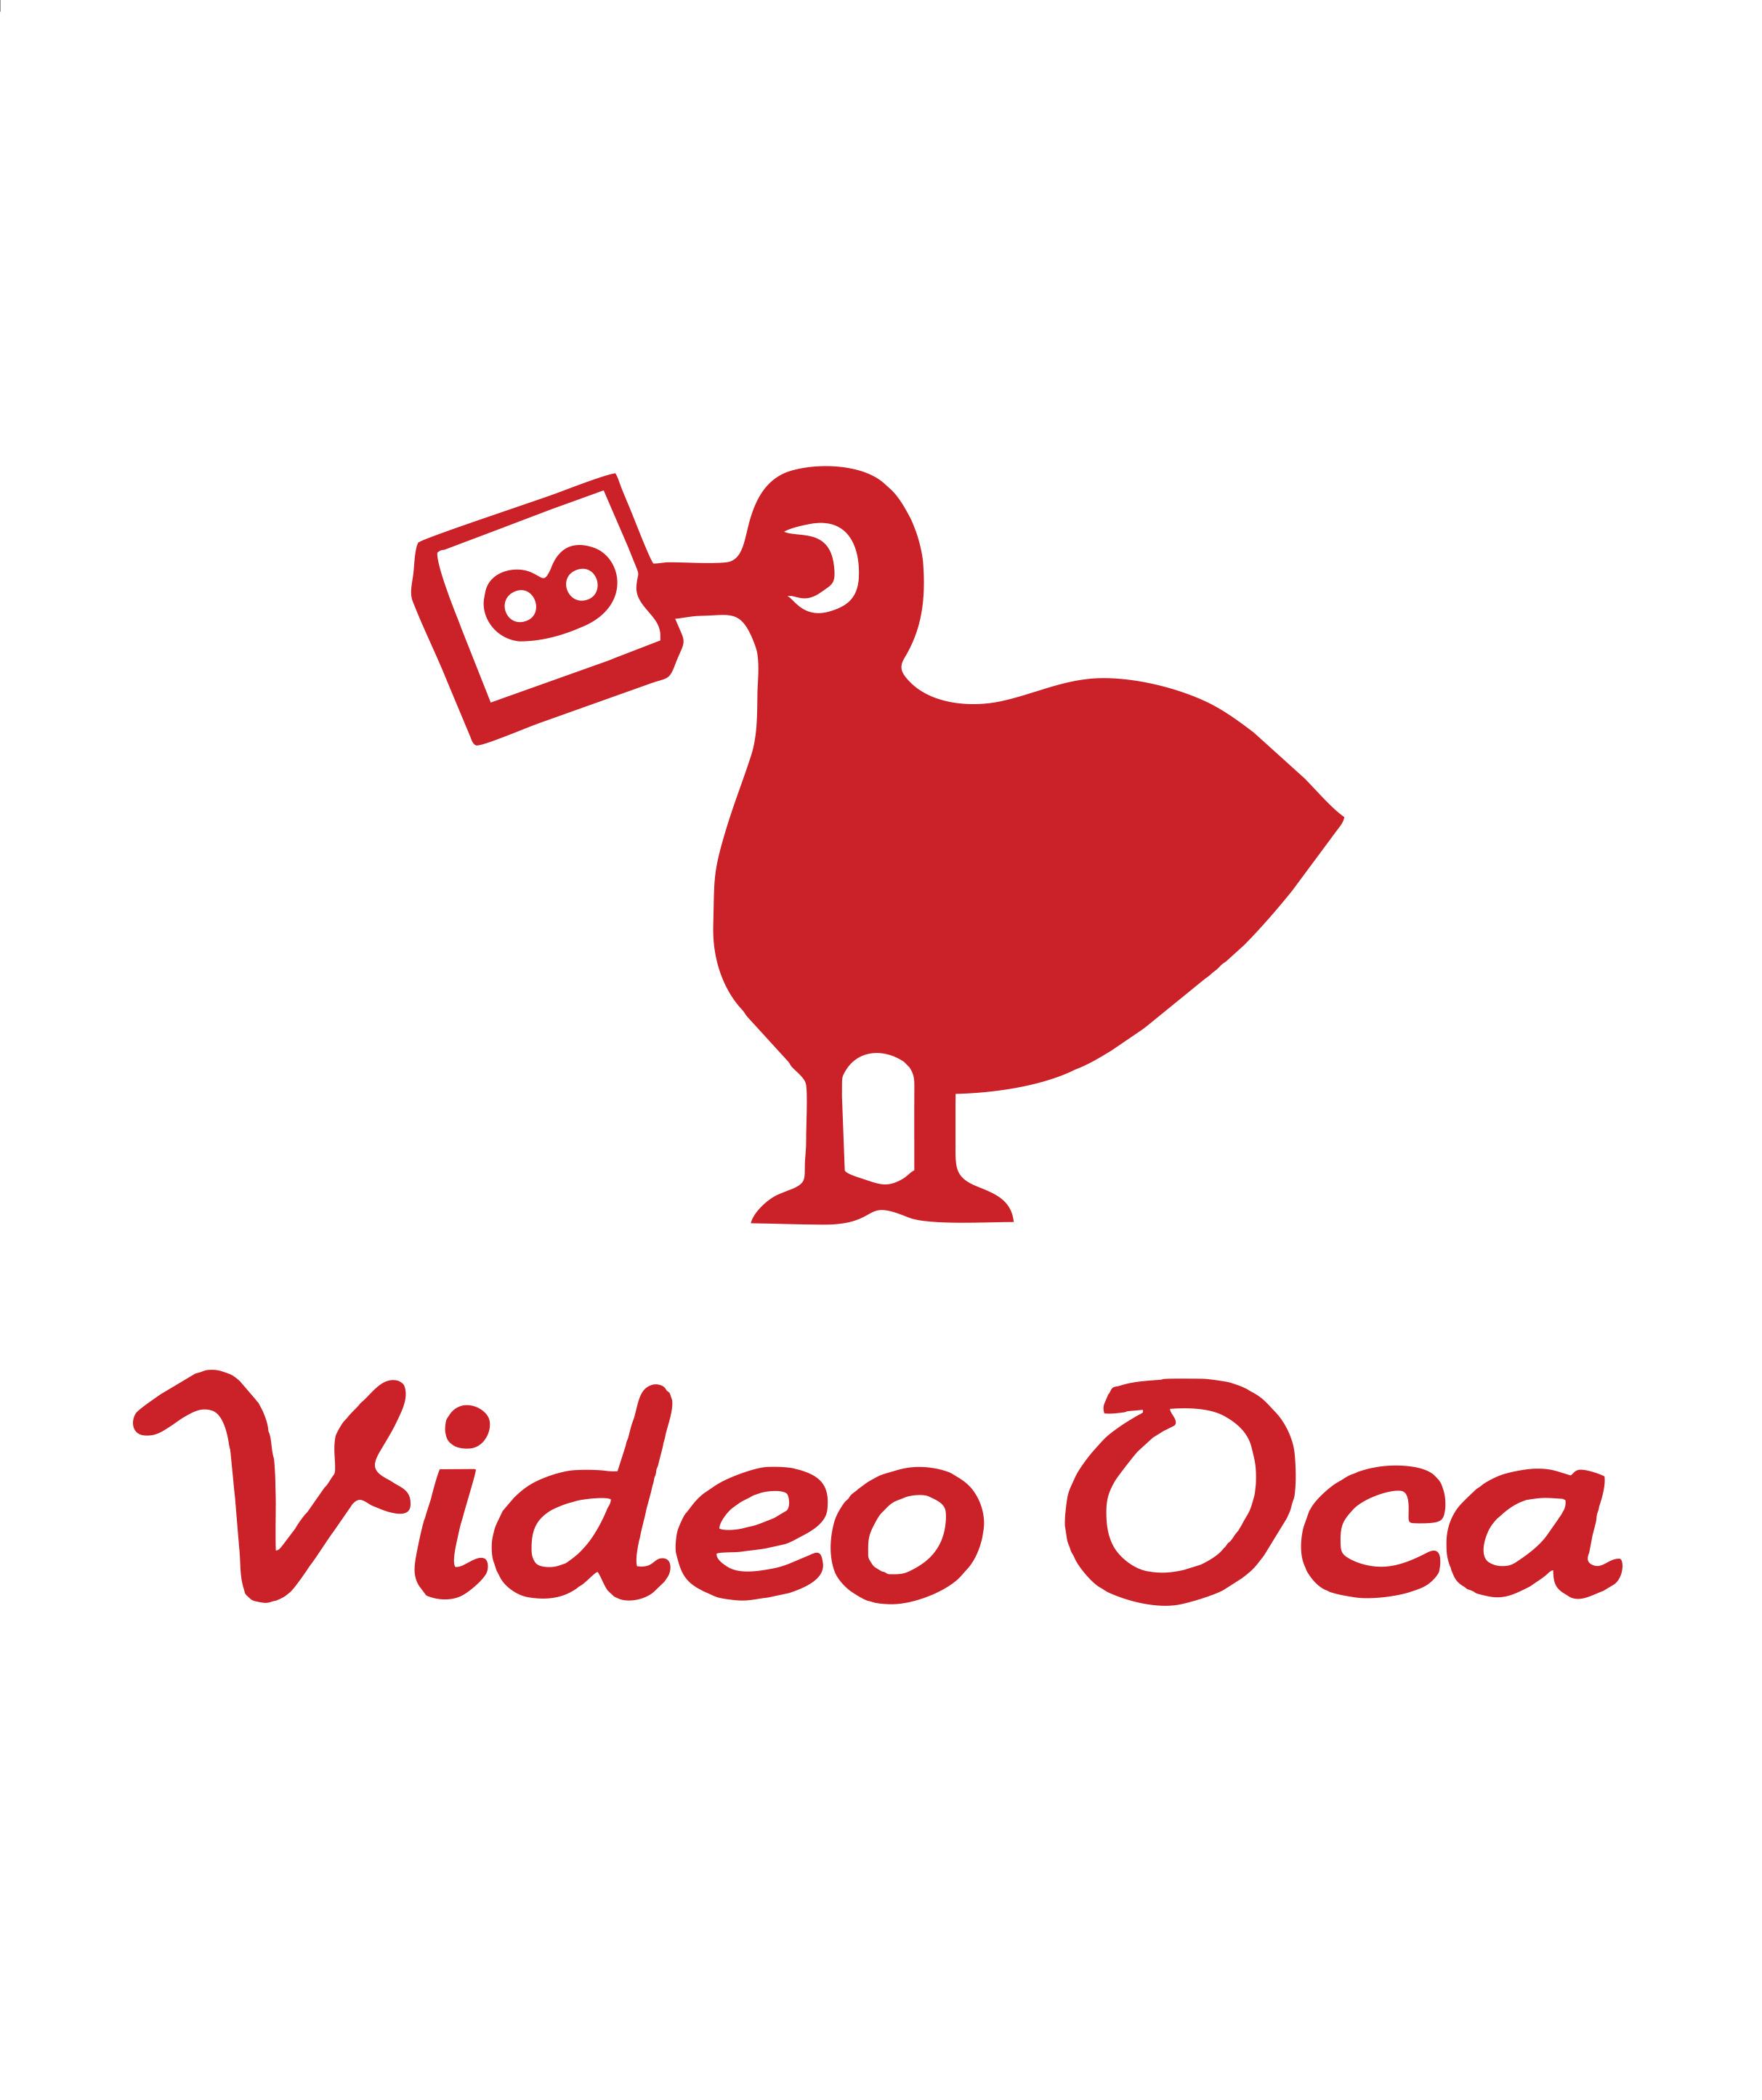 VIDEO OCA